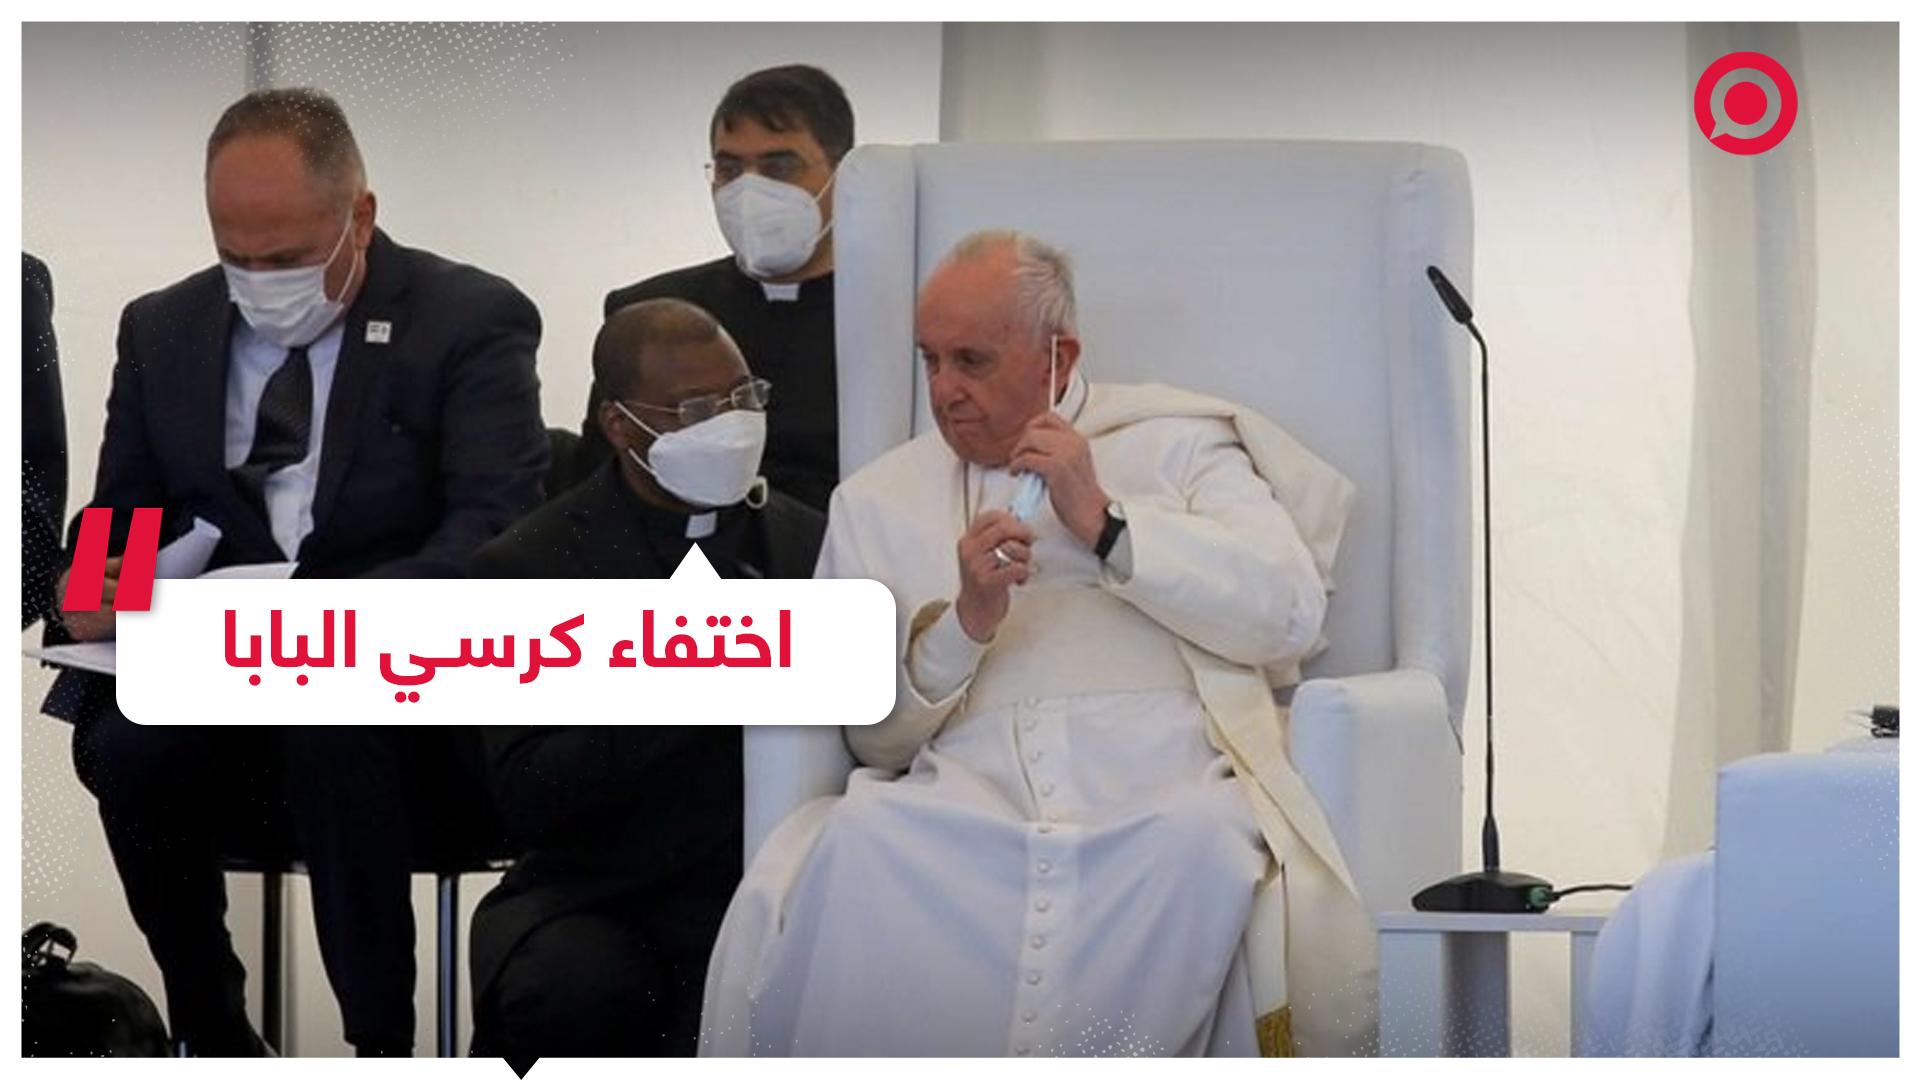 ما قصة كرسي البابا